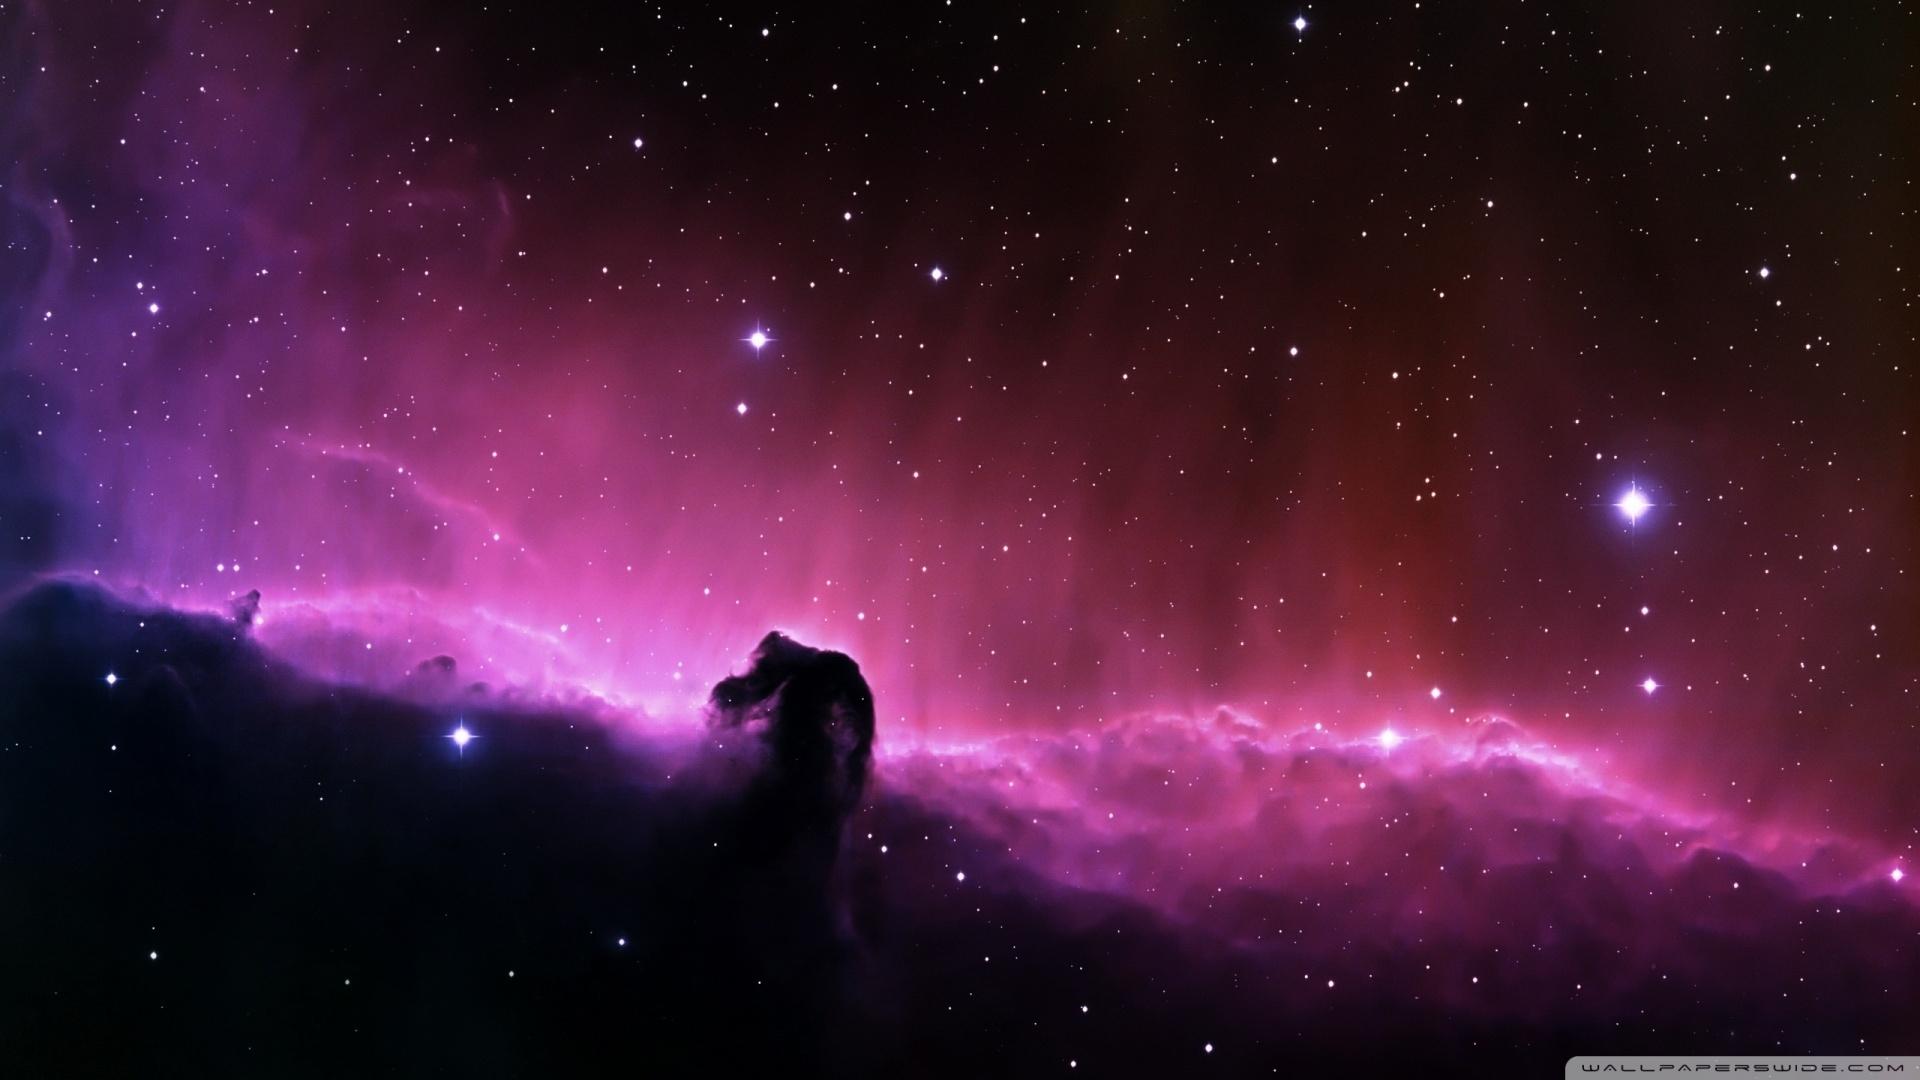 horsehead nebula ❤ 4k hd desktop wallpaper for 4k ultra hd tv